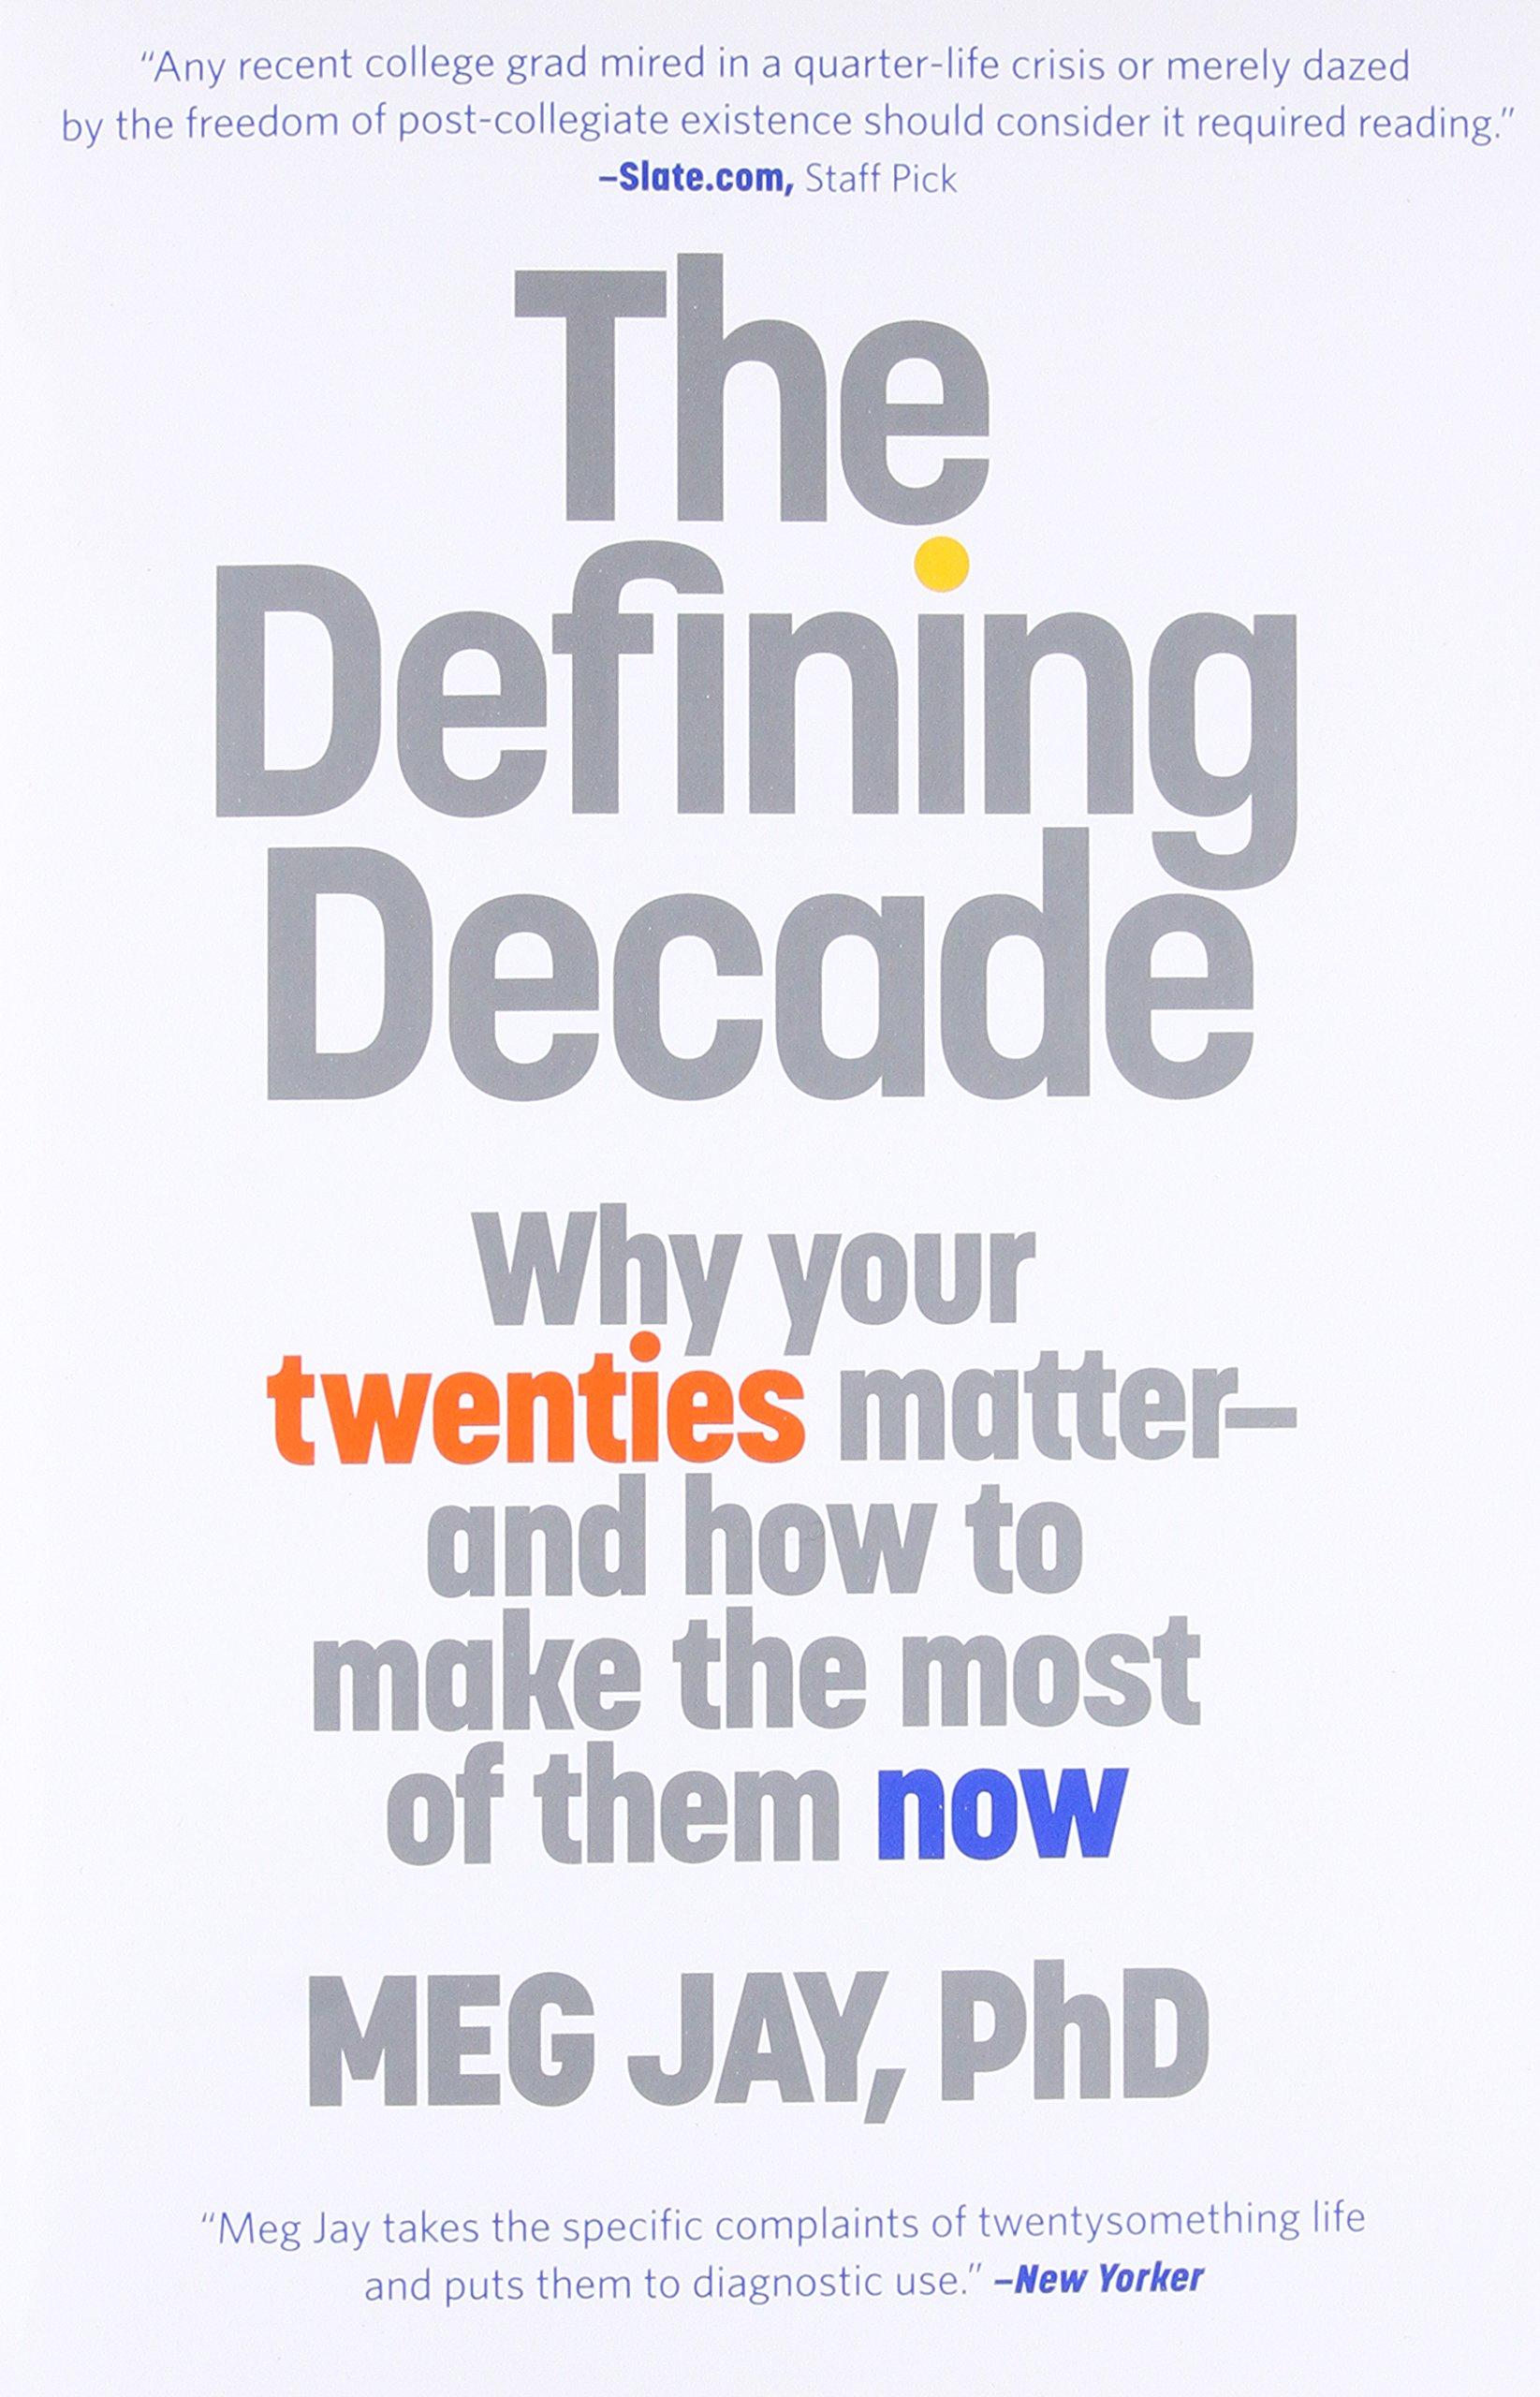 5 Books Written By Women To Read For Self-Development